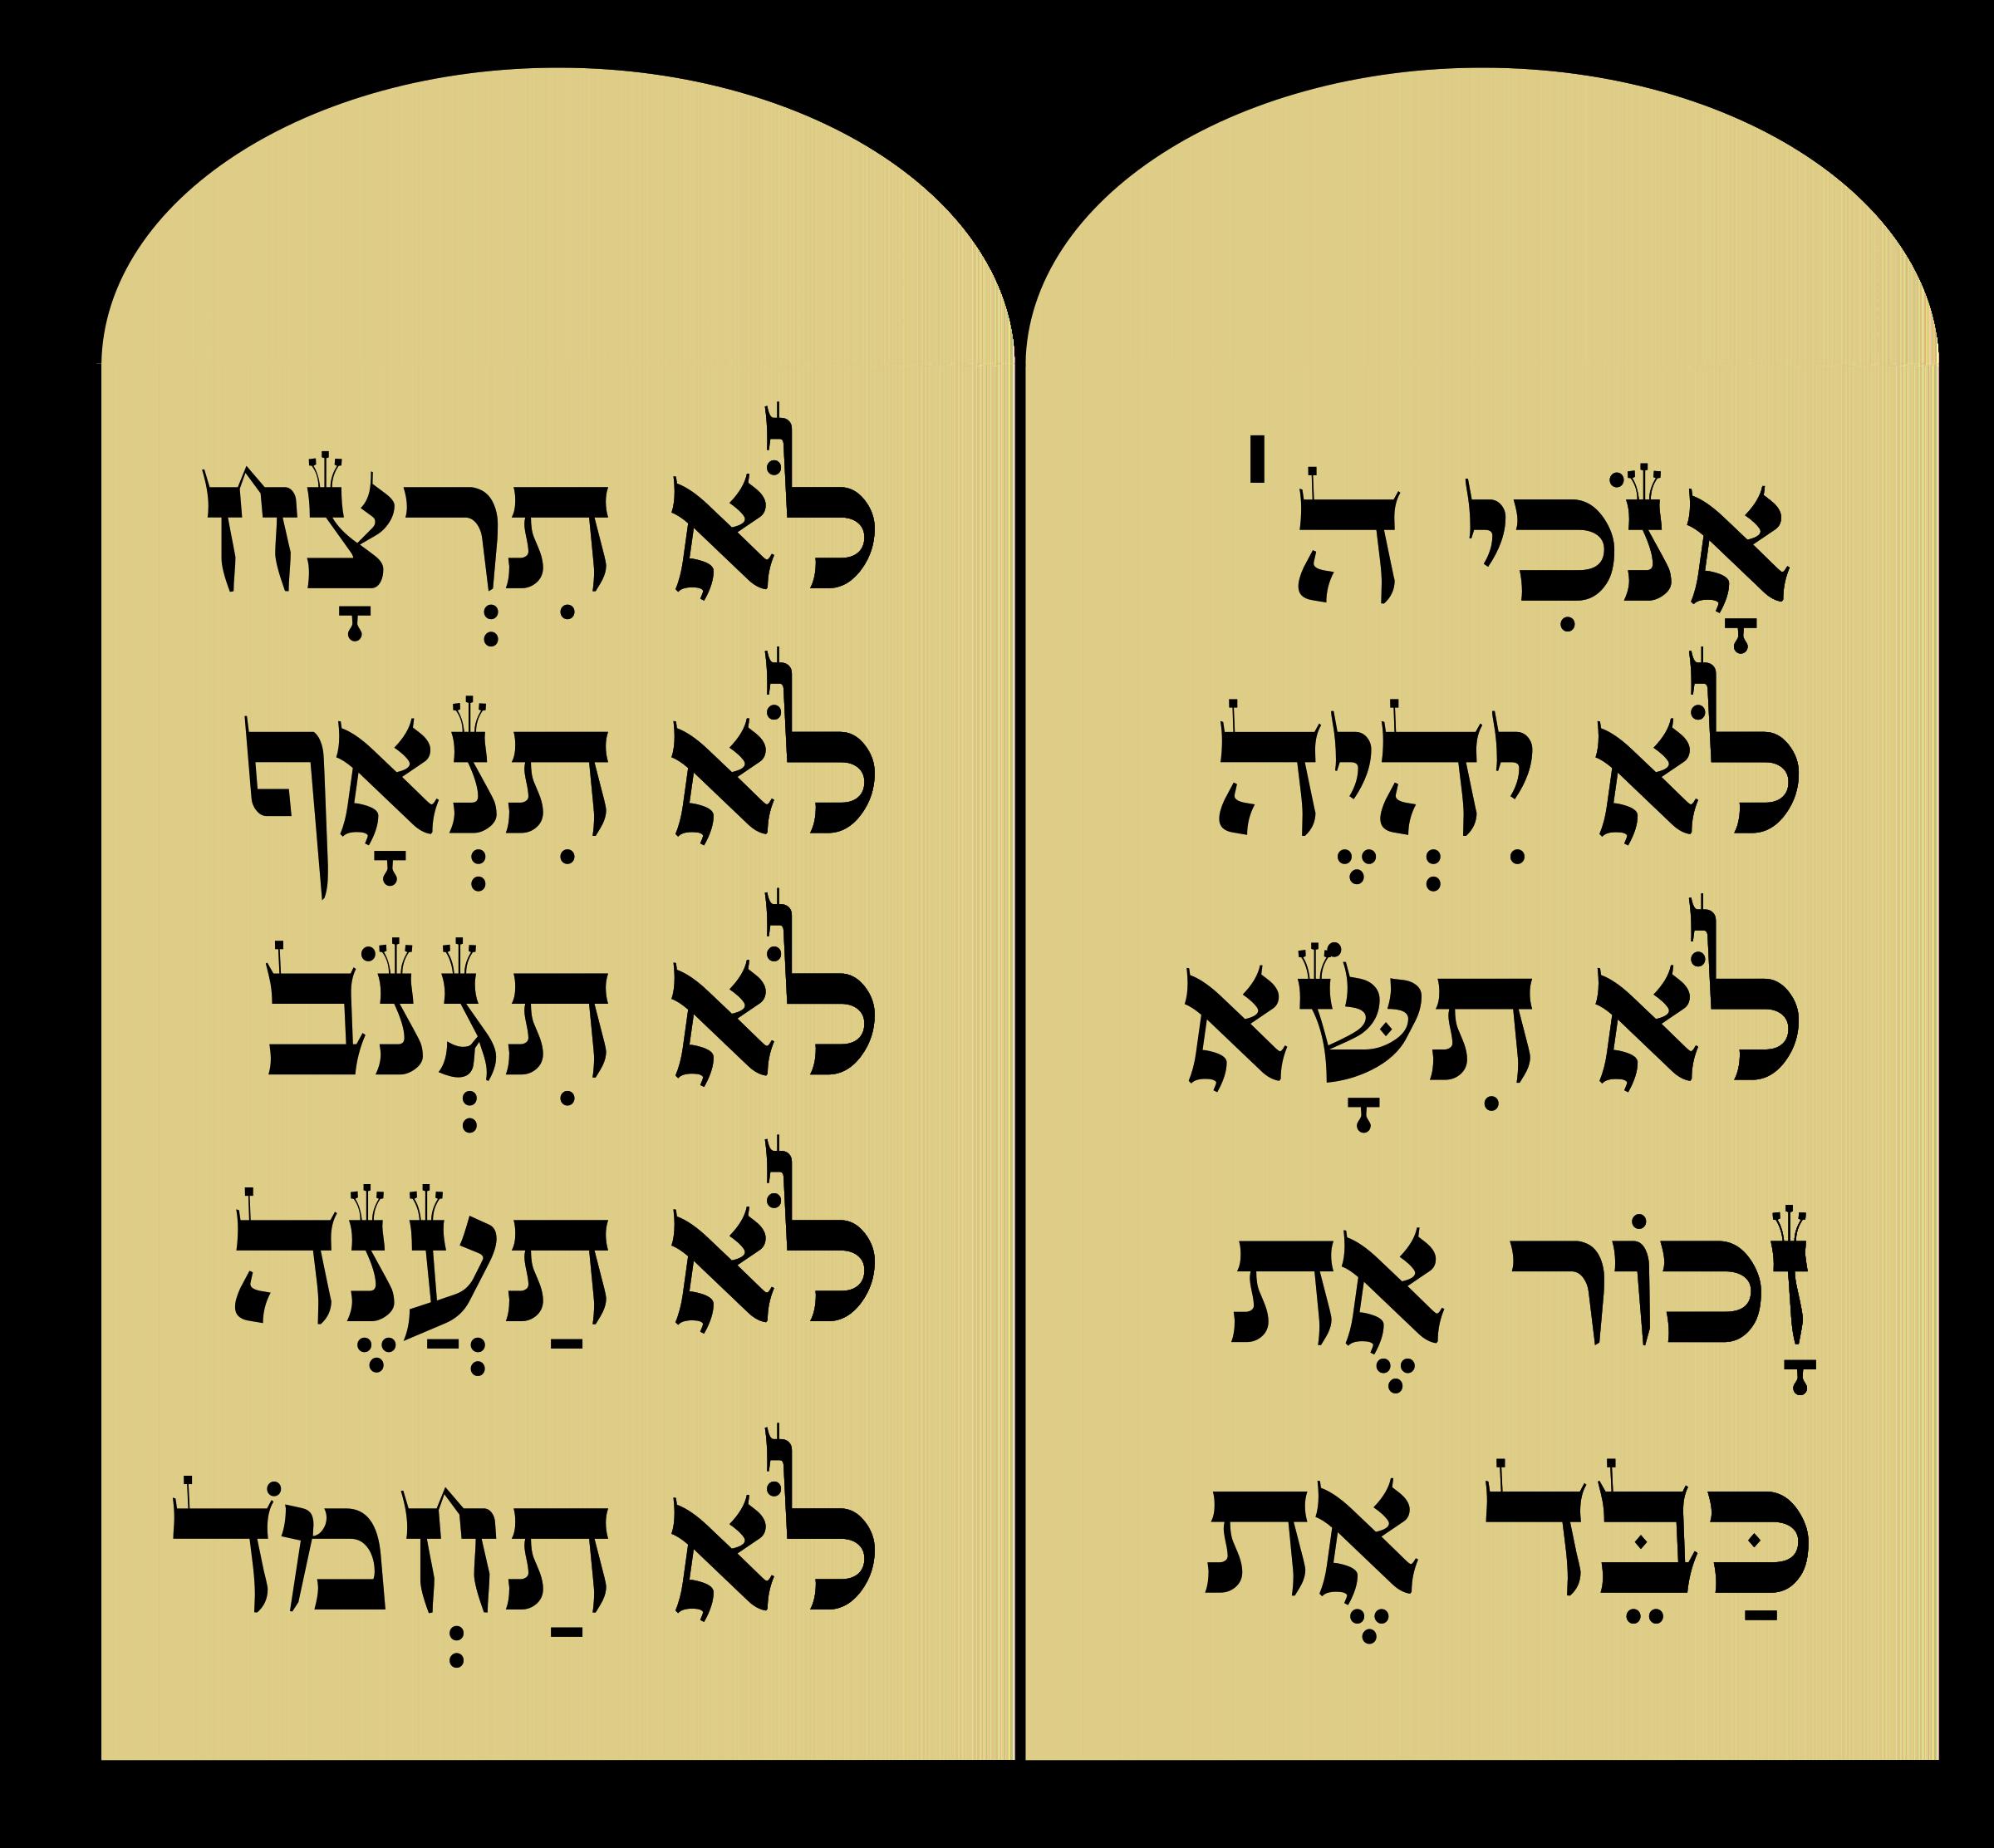 Big image png. Ten commandments clipart little kid